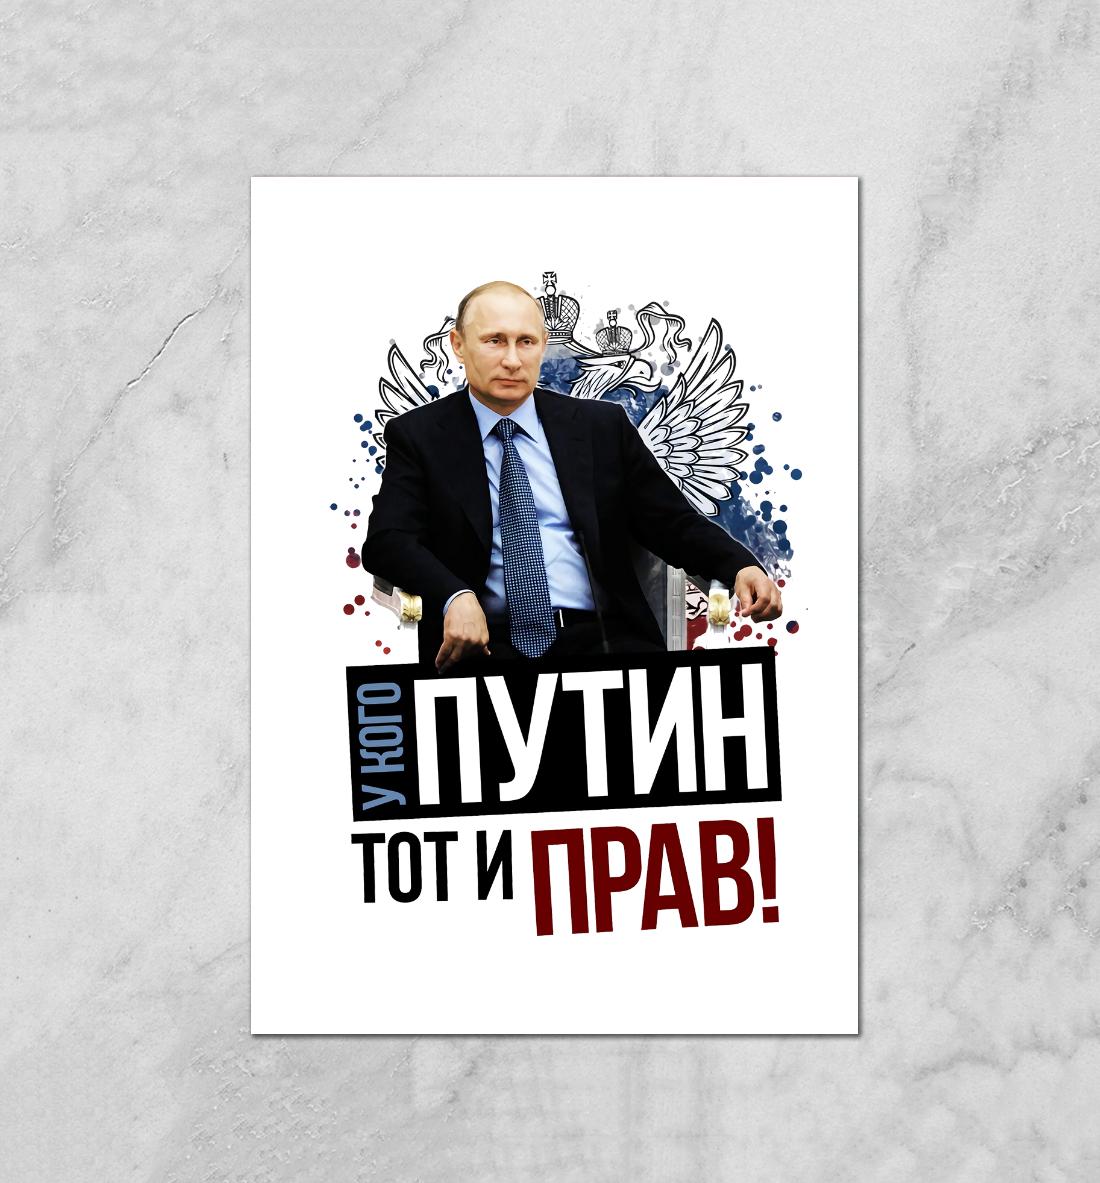 Купить У кого Путин, тот и прав, Printbar, Плакаты, PUT-371639-plk